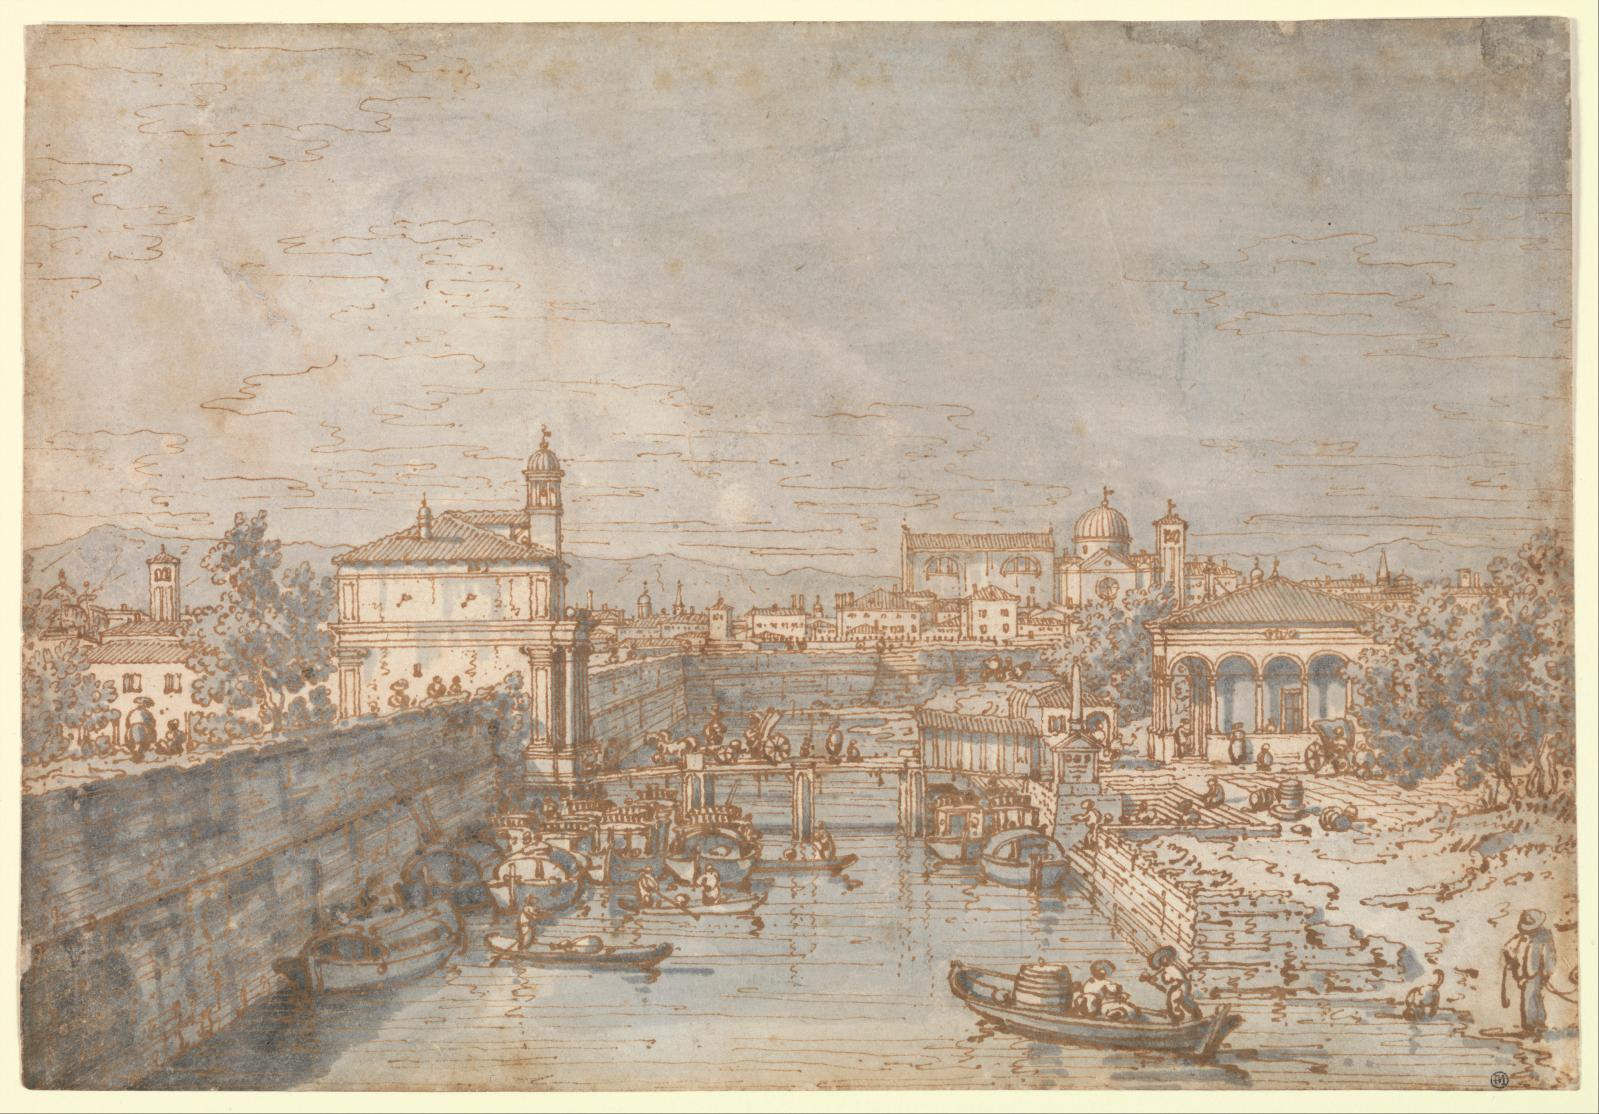 Giovanni Antonio Canal, dit Canaletto (1697-1768), Vue du canal de la Brenta et de la Porta Portello à Padoue, encre brune, lavis gris, 18,5 x 26,5 cm